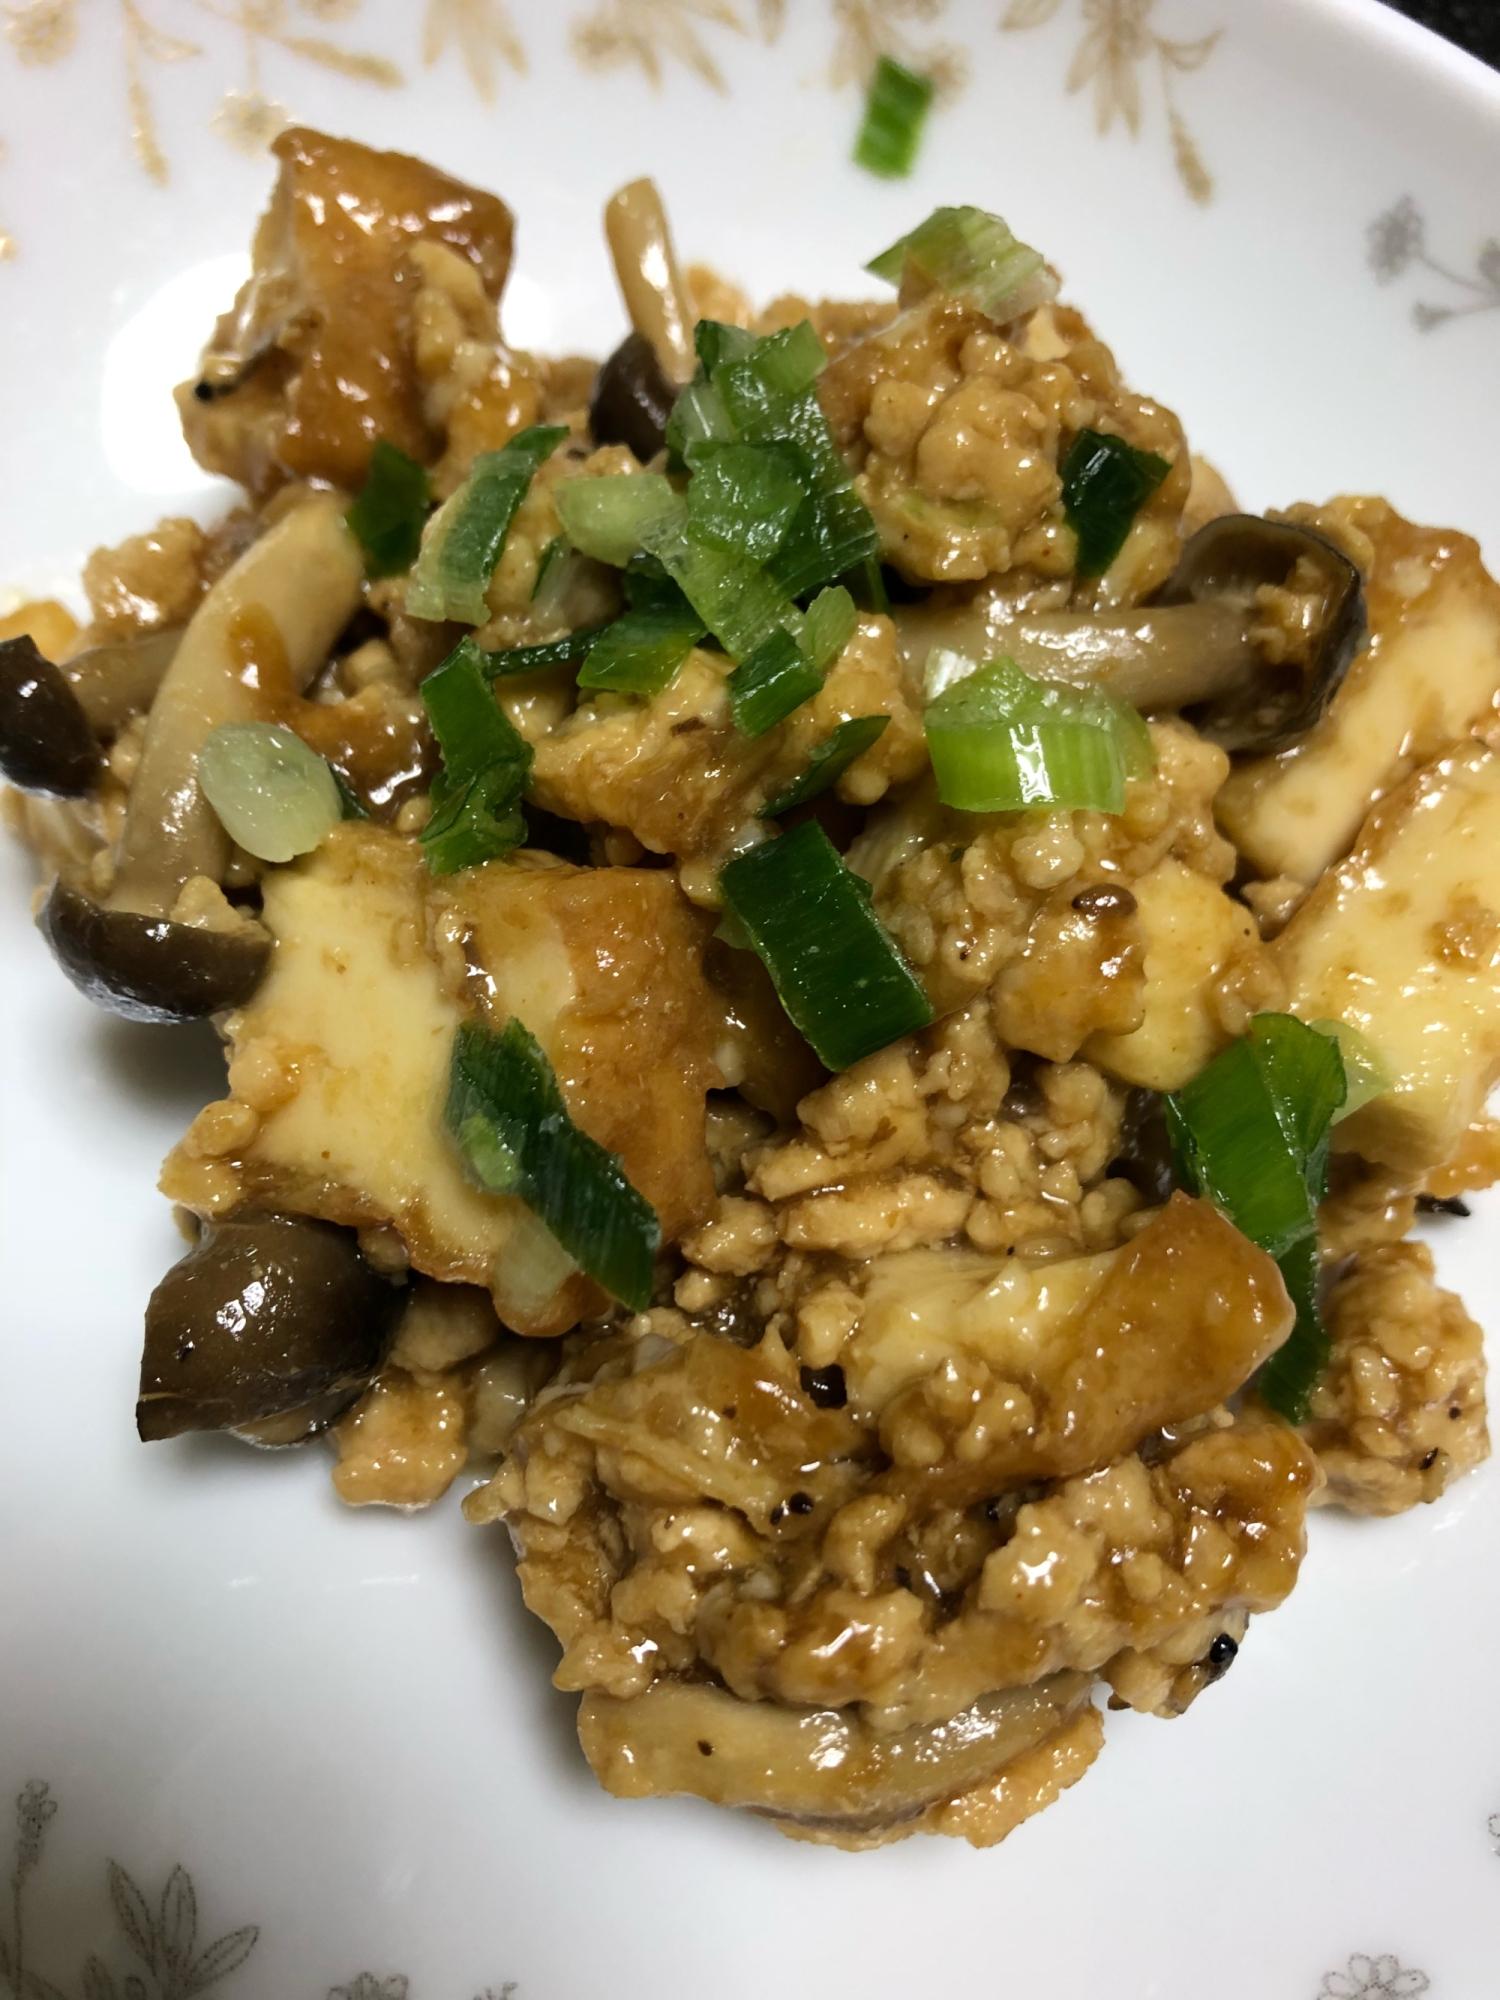 厚揚げと鶏むねひき肉のヘルシーボリュームおかず♪ レシピ・作り方